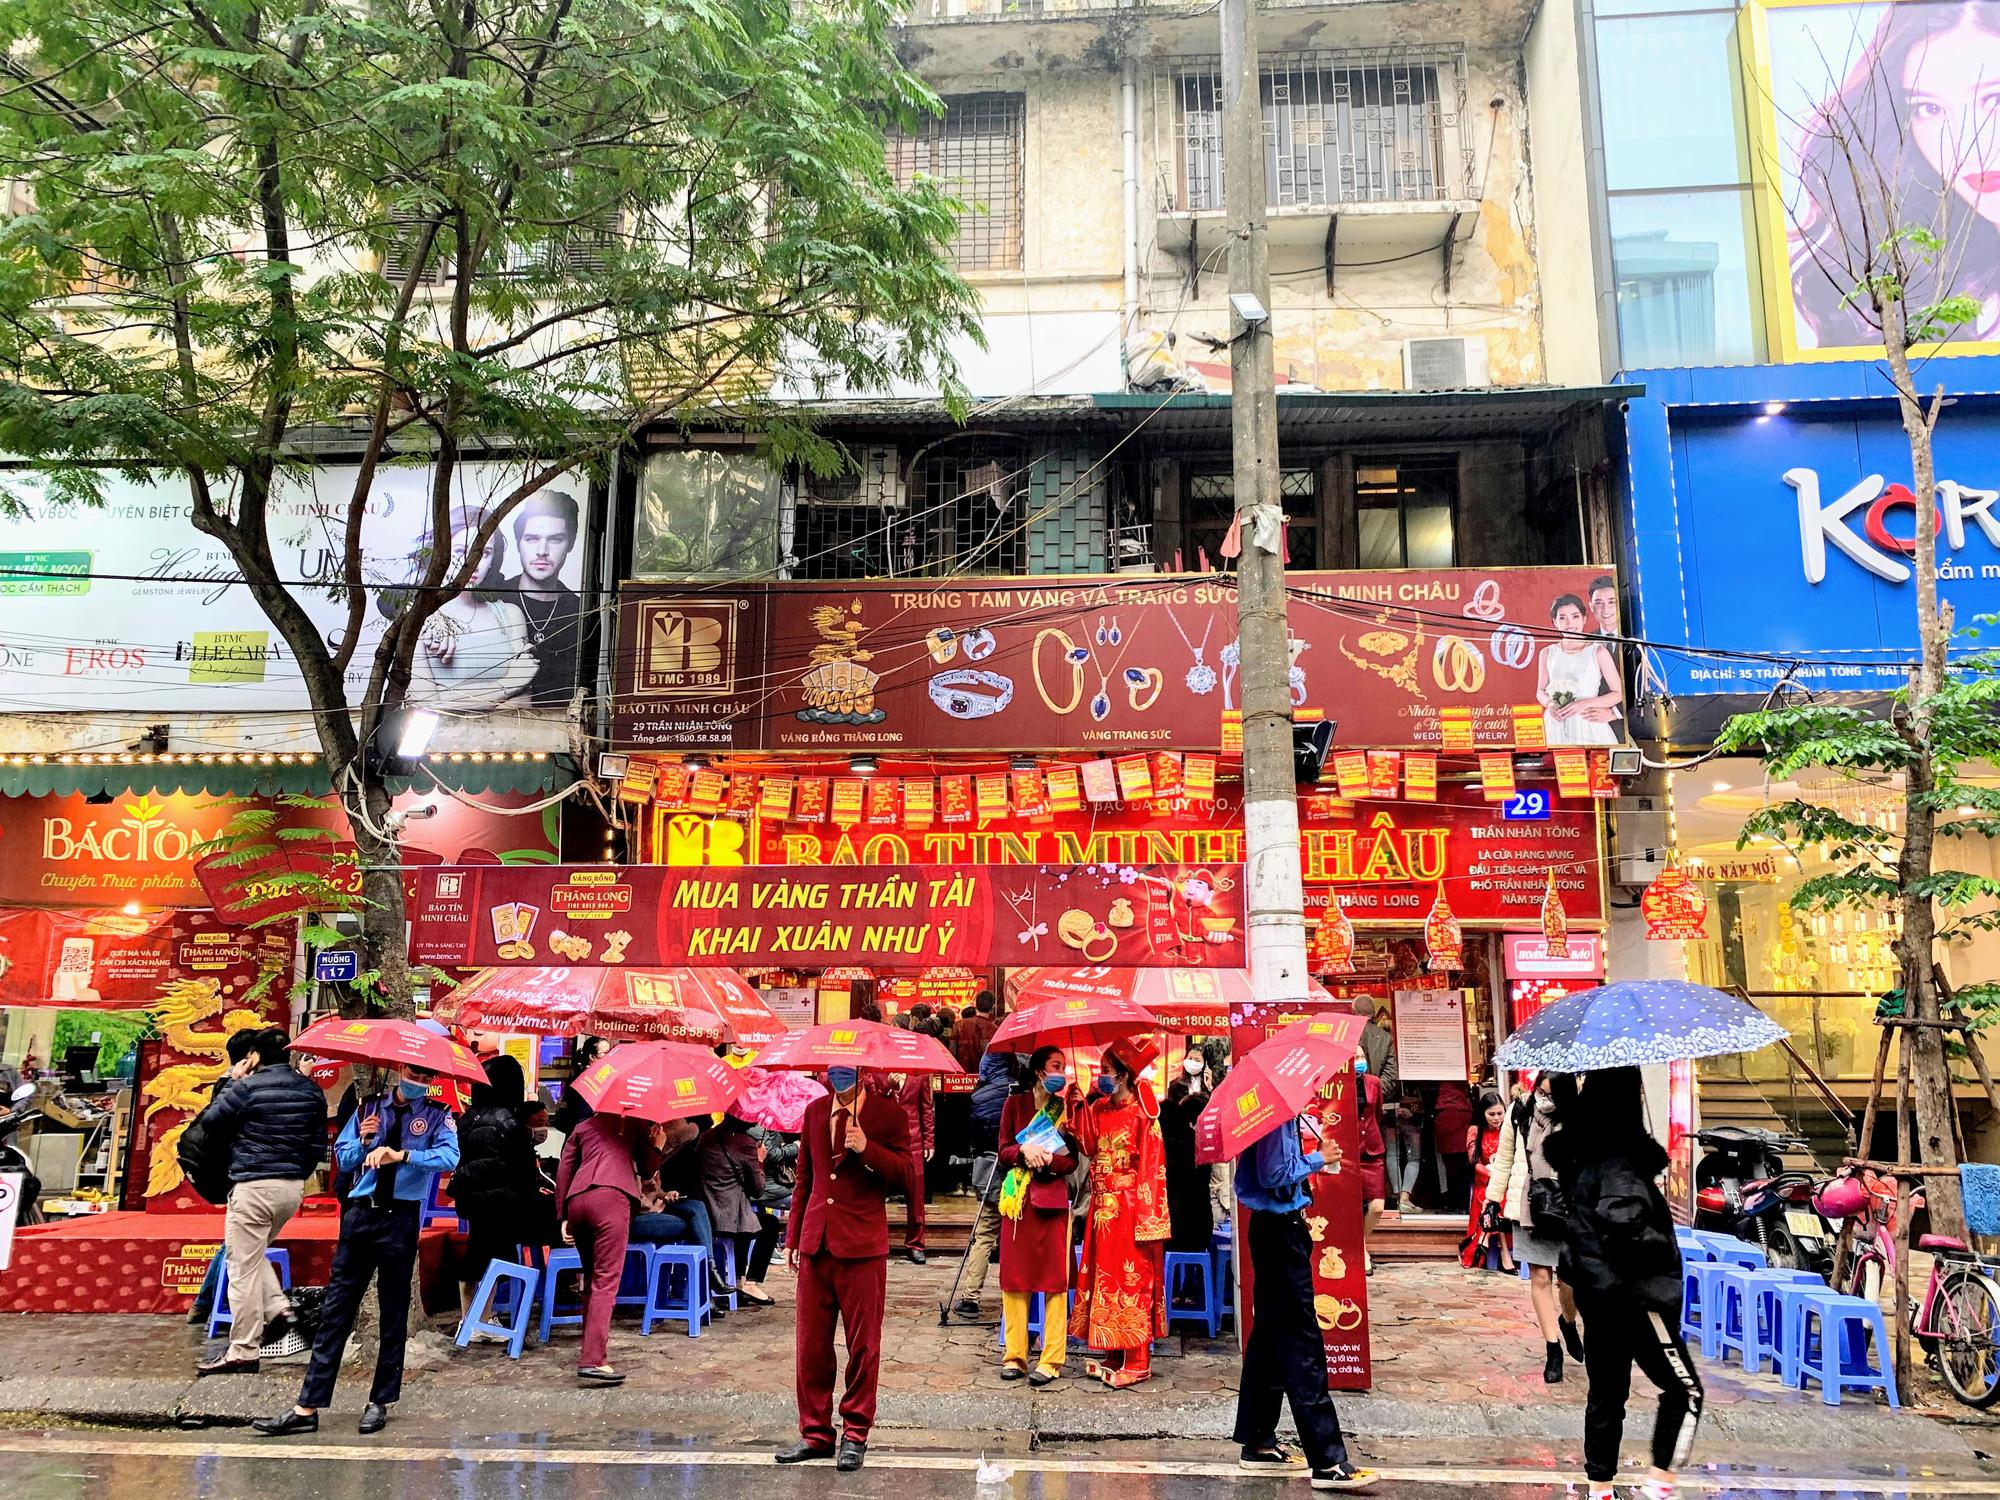 Giữa tâm dịch corona, bay từ Sài Gòn ra Hà Nội, đội mưa để đi mua vàng trong ngày Vía thần Tài - Ảnh 6.